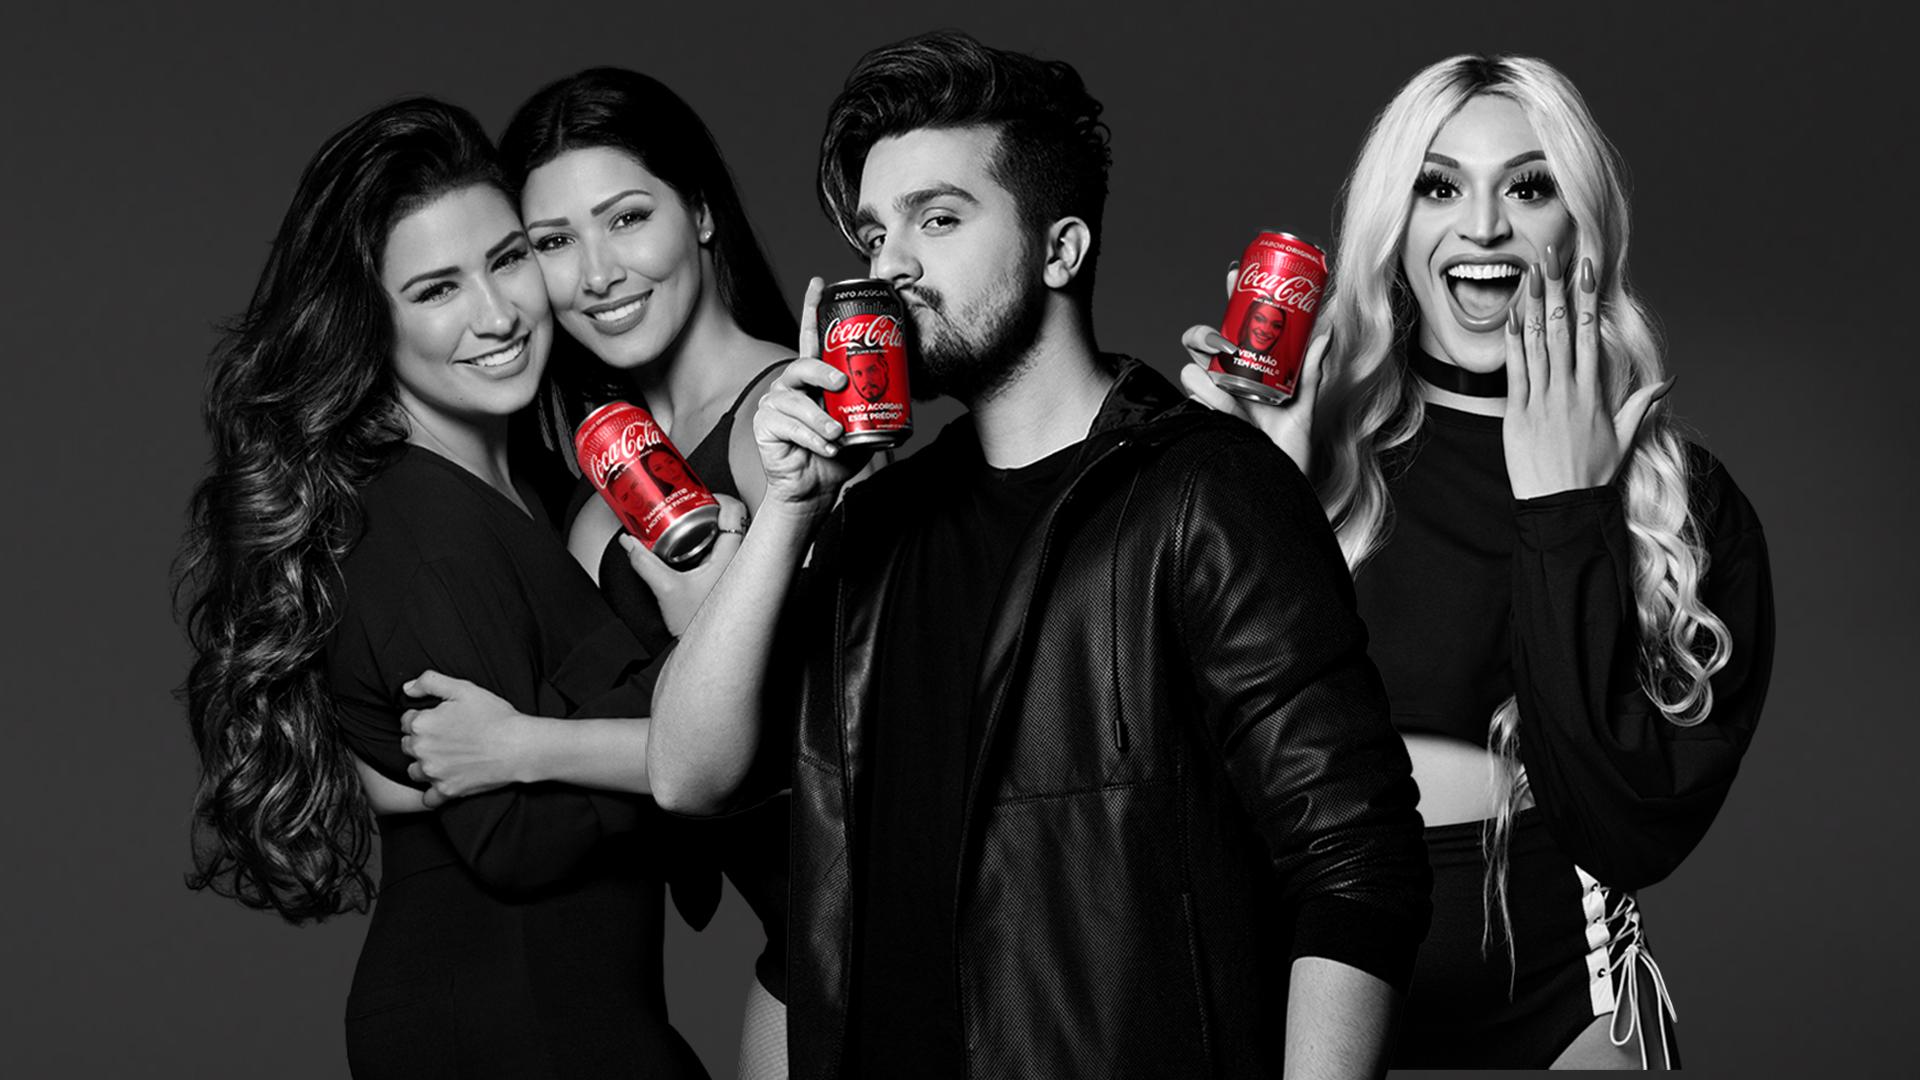 Vencedores FanFeat Coca Cola_ Simone e Simaria_Luan Santana e Pabllo Vittar